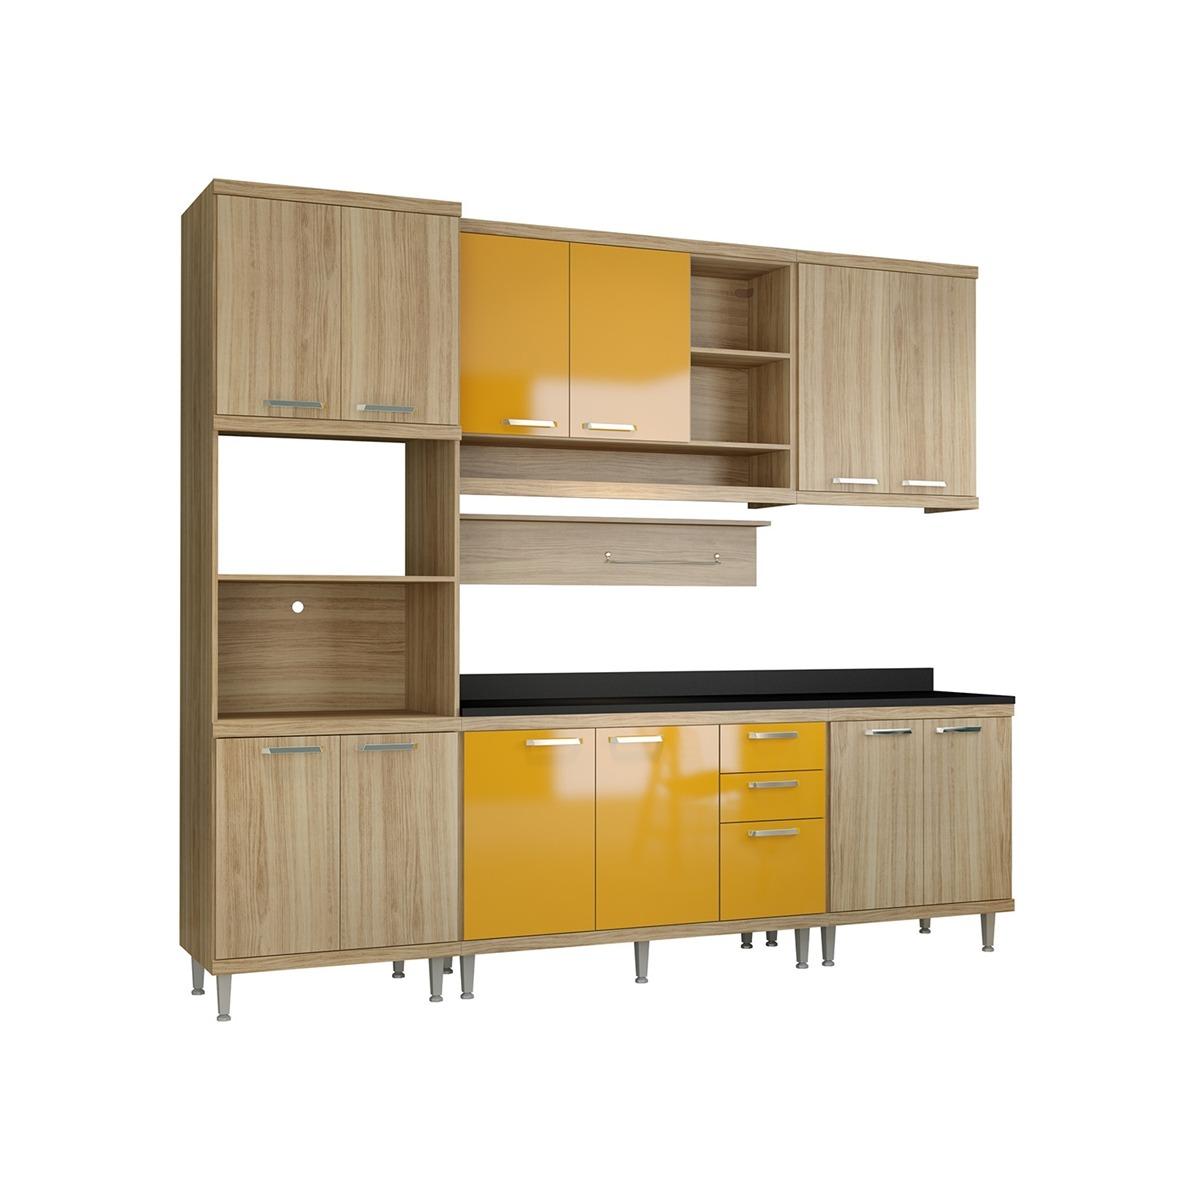 Cozinha Compacta Sic Lia 7 Pe As Argila Amarelo Multim Veis R